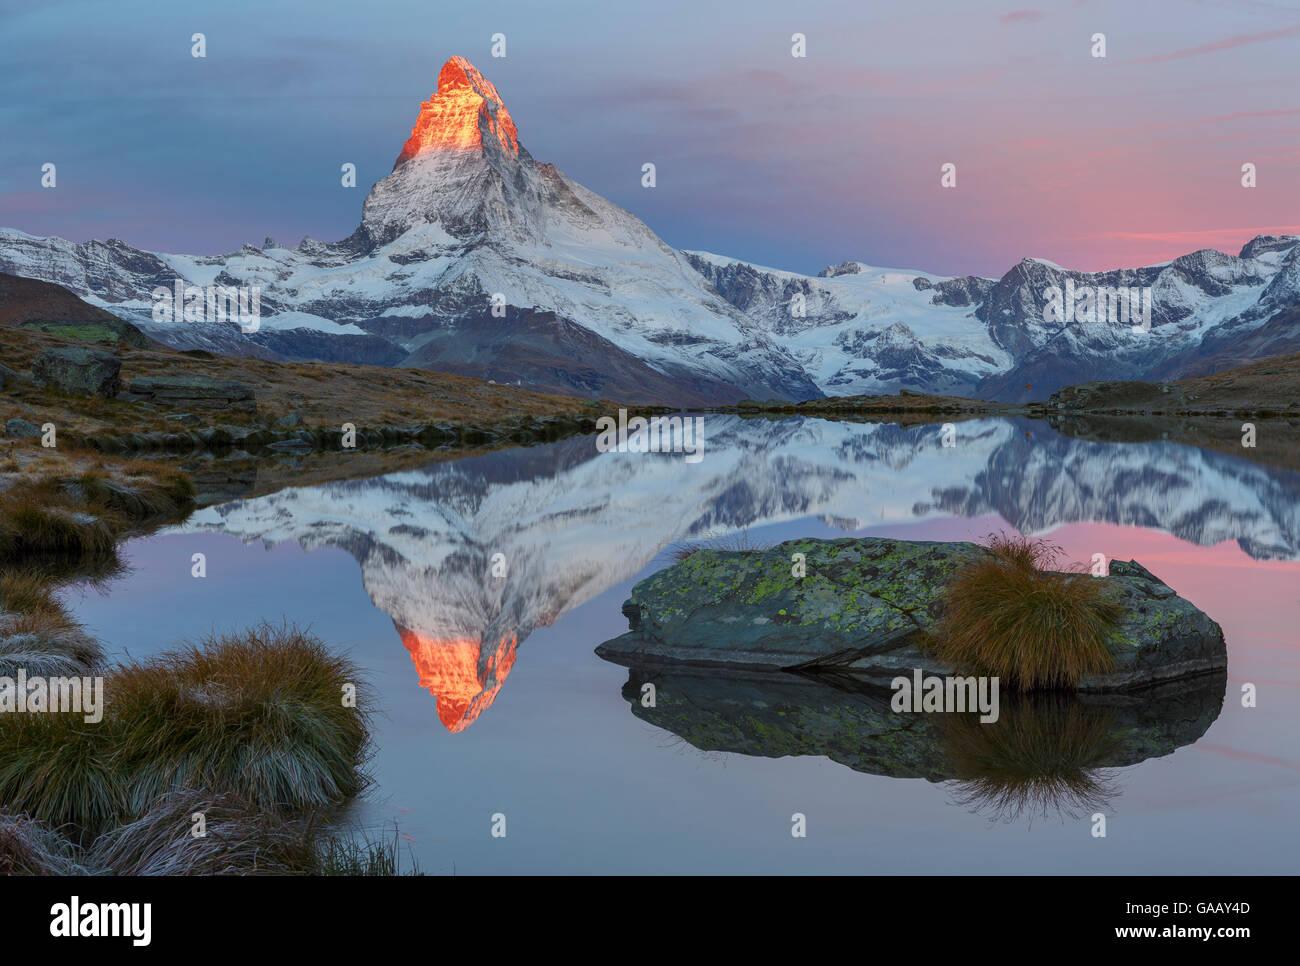 Matterhorn (4,478m) au lever du soleil, avec la réflexion dans le lac Stellisee, Zermatt, Suisse, septembre Photo Stock